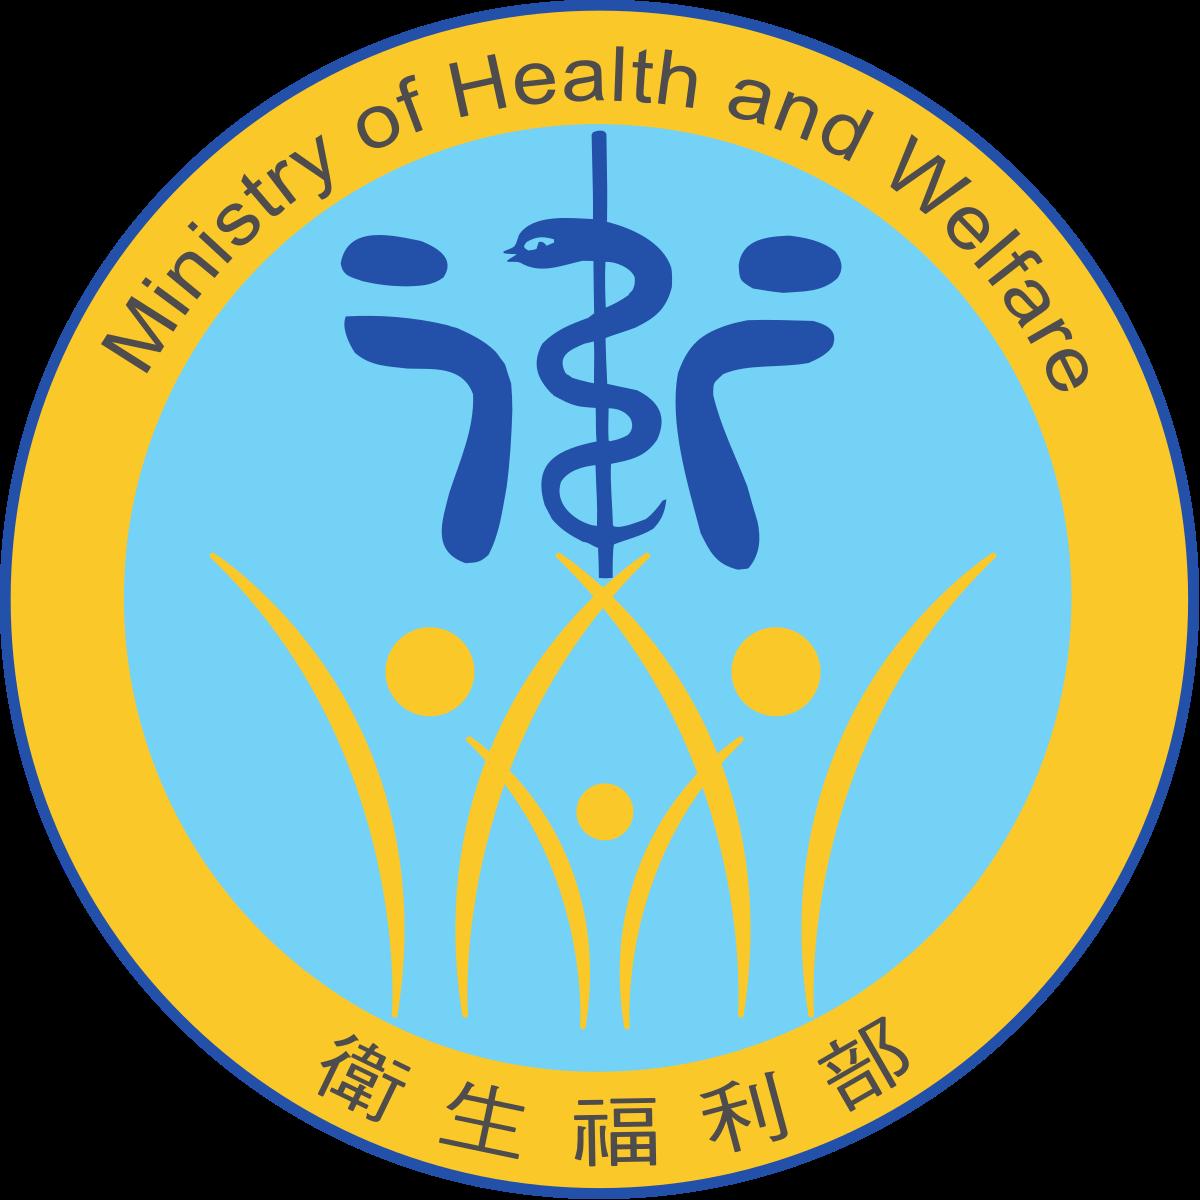 衛福部公益勸募計畫案研究助理 logo